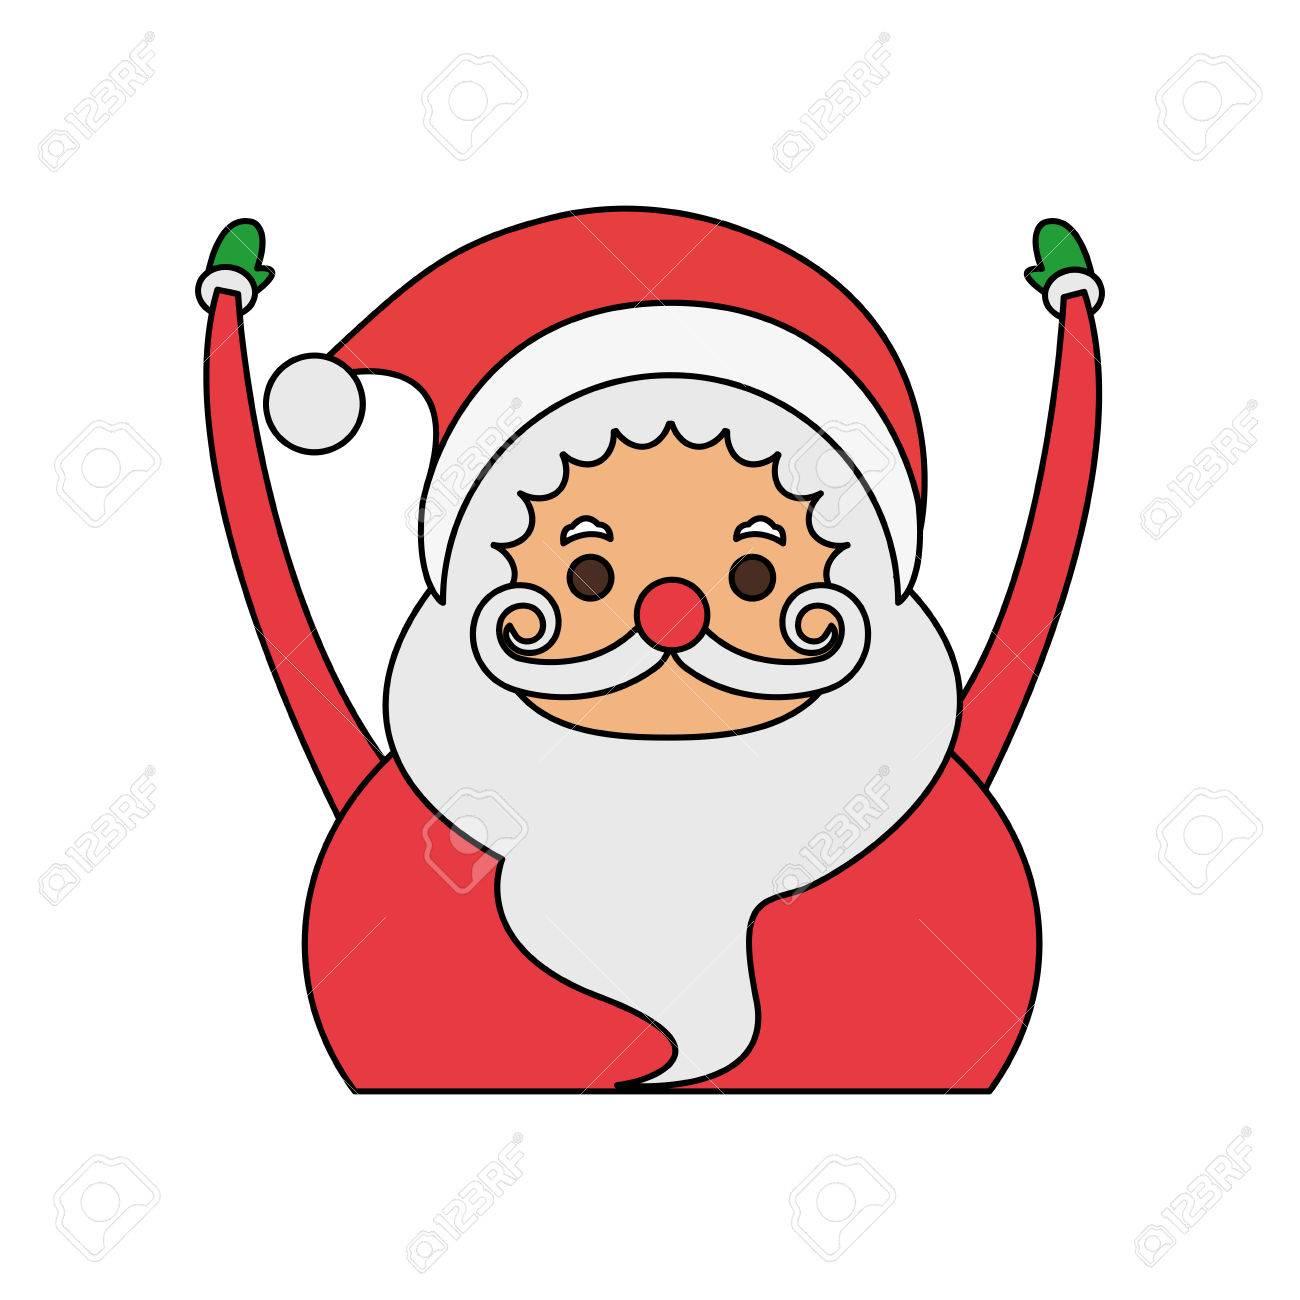 color image cartoon half body fat santa claus with hands up vector